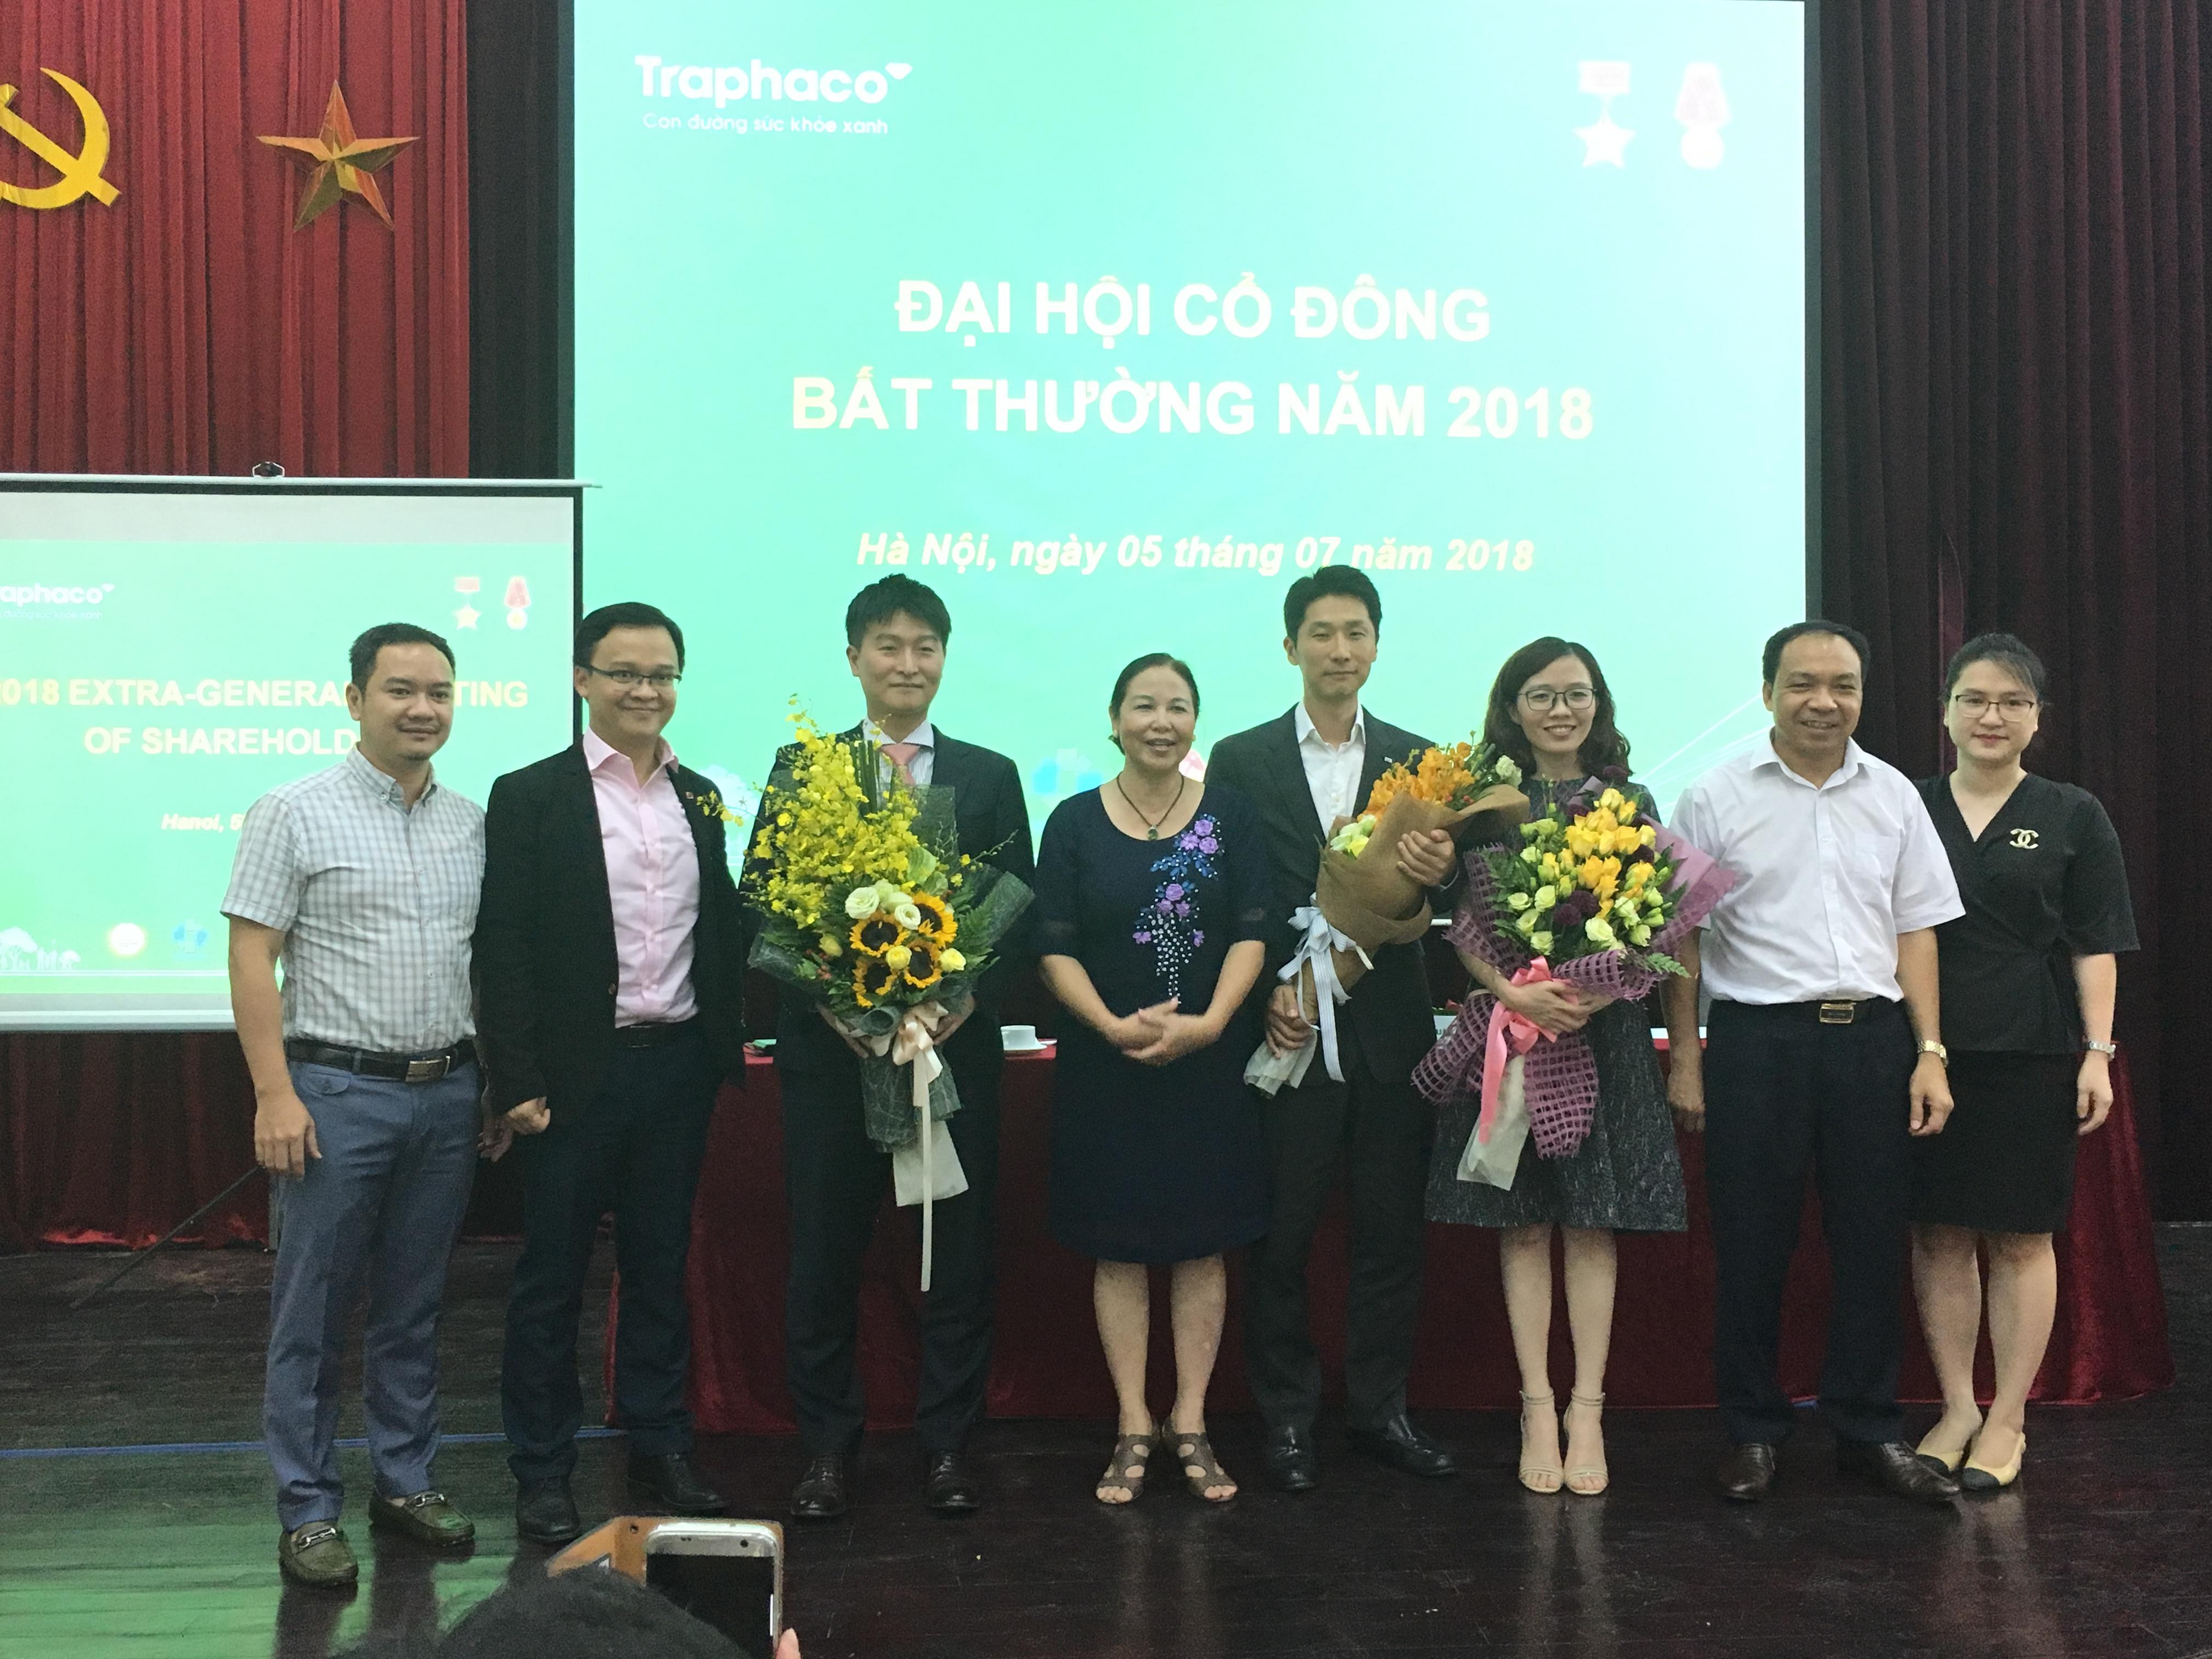 ĐHĐCĐ Traphaco: Bầu 2 thành viên HĐQT từ Daewoong và Mirae Asset